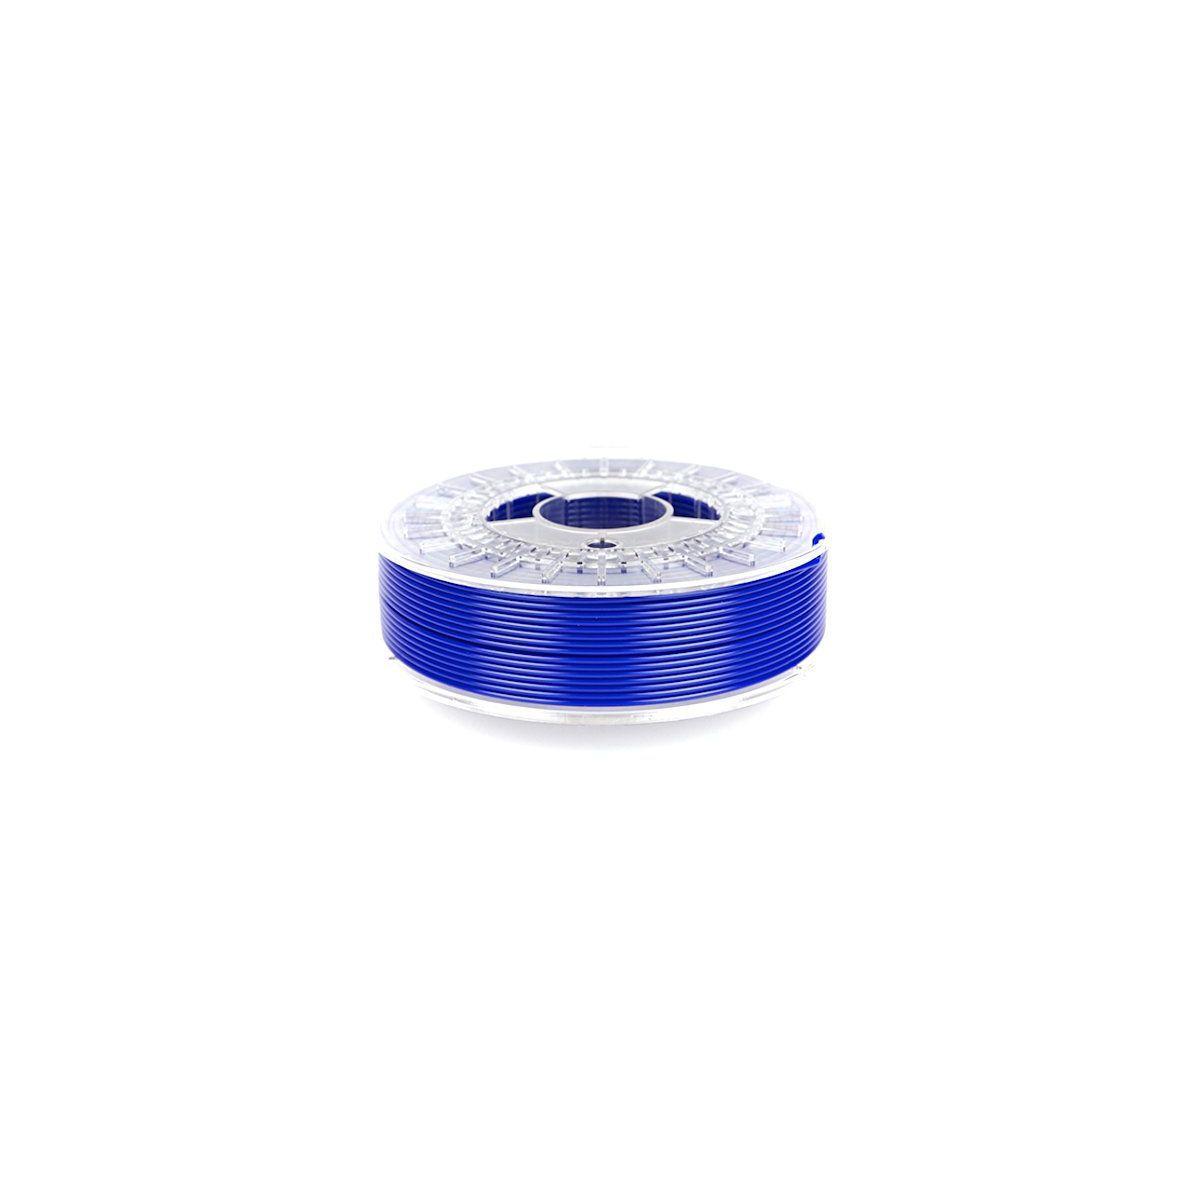 Filament 3d colorfabb pla bleu marine 2.85mm - 2% de remise im...